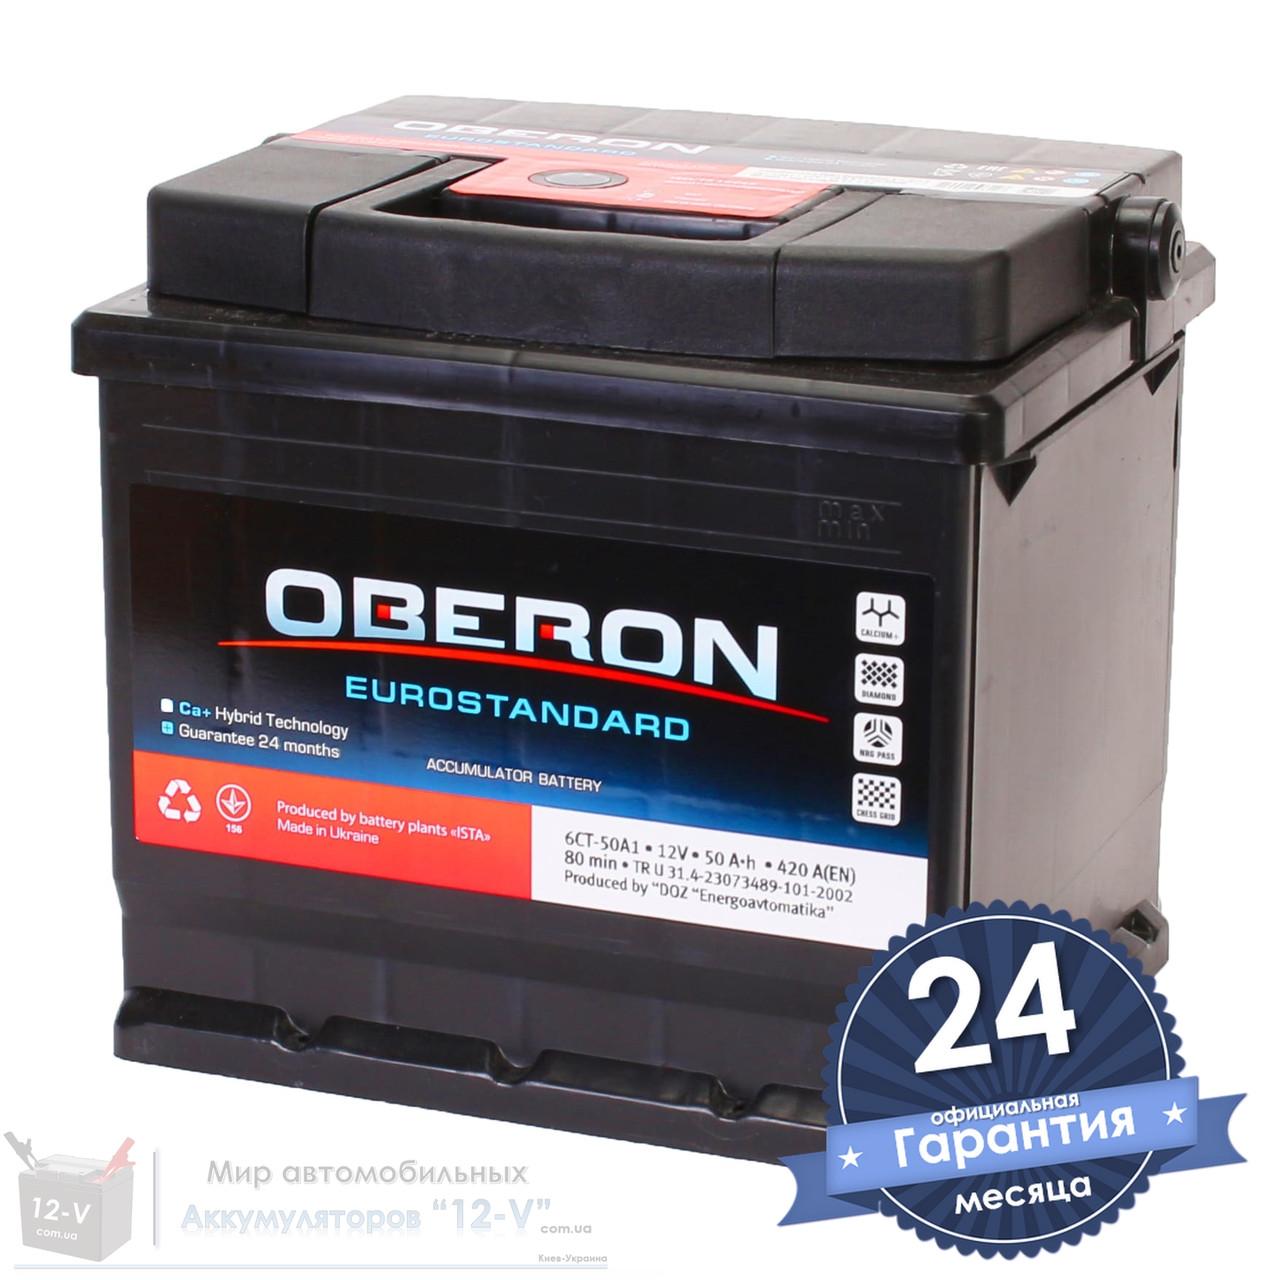 Аккумулятор автомобильный OBERON Eurostandard 6CT 50Ah, пусковой ток 420А [–|+]